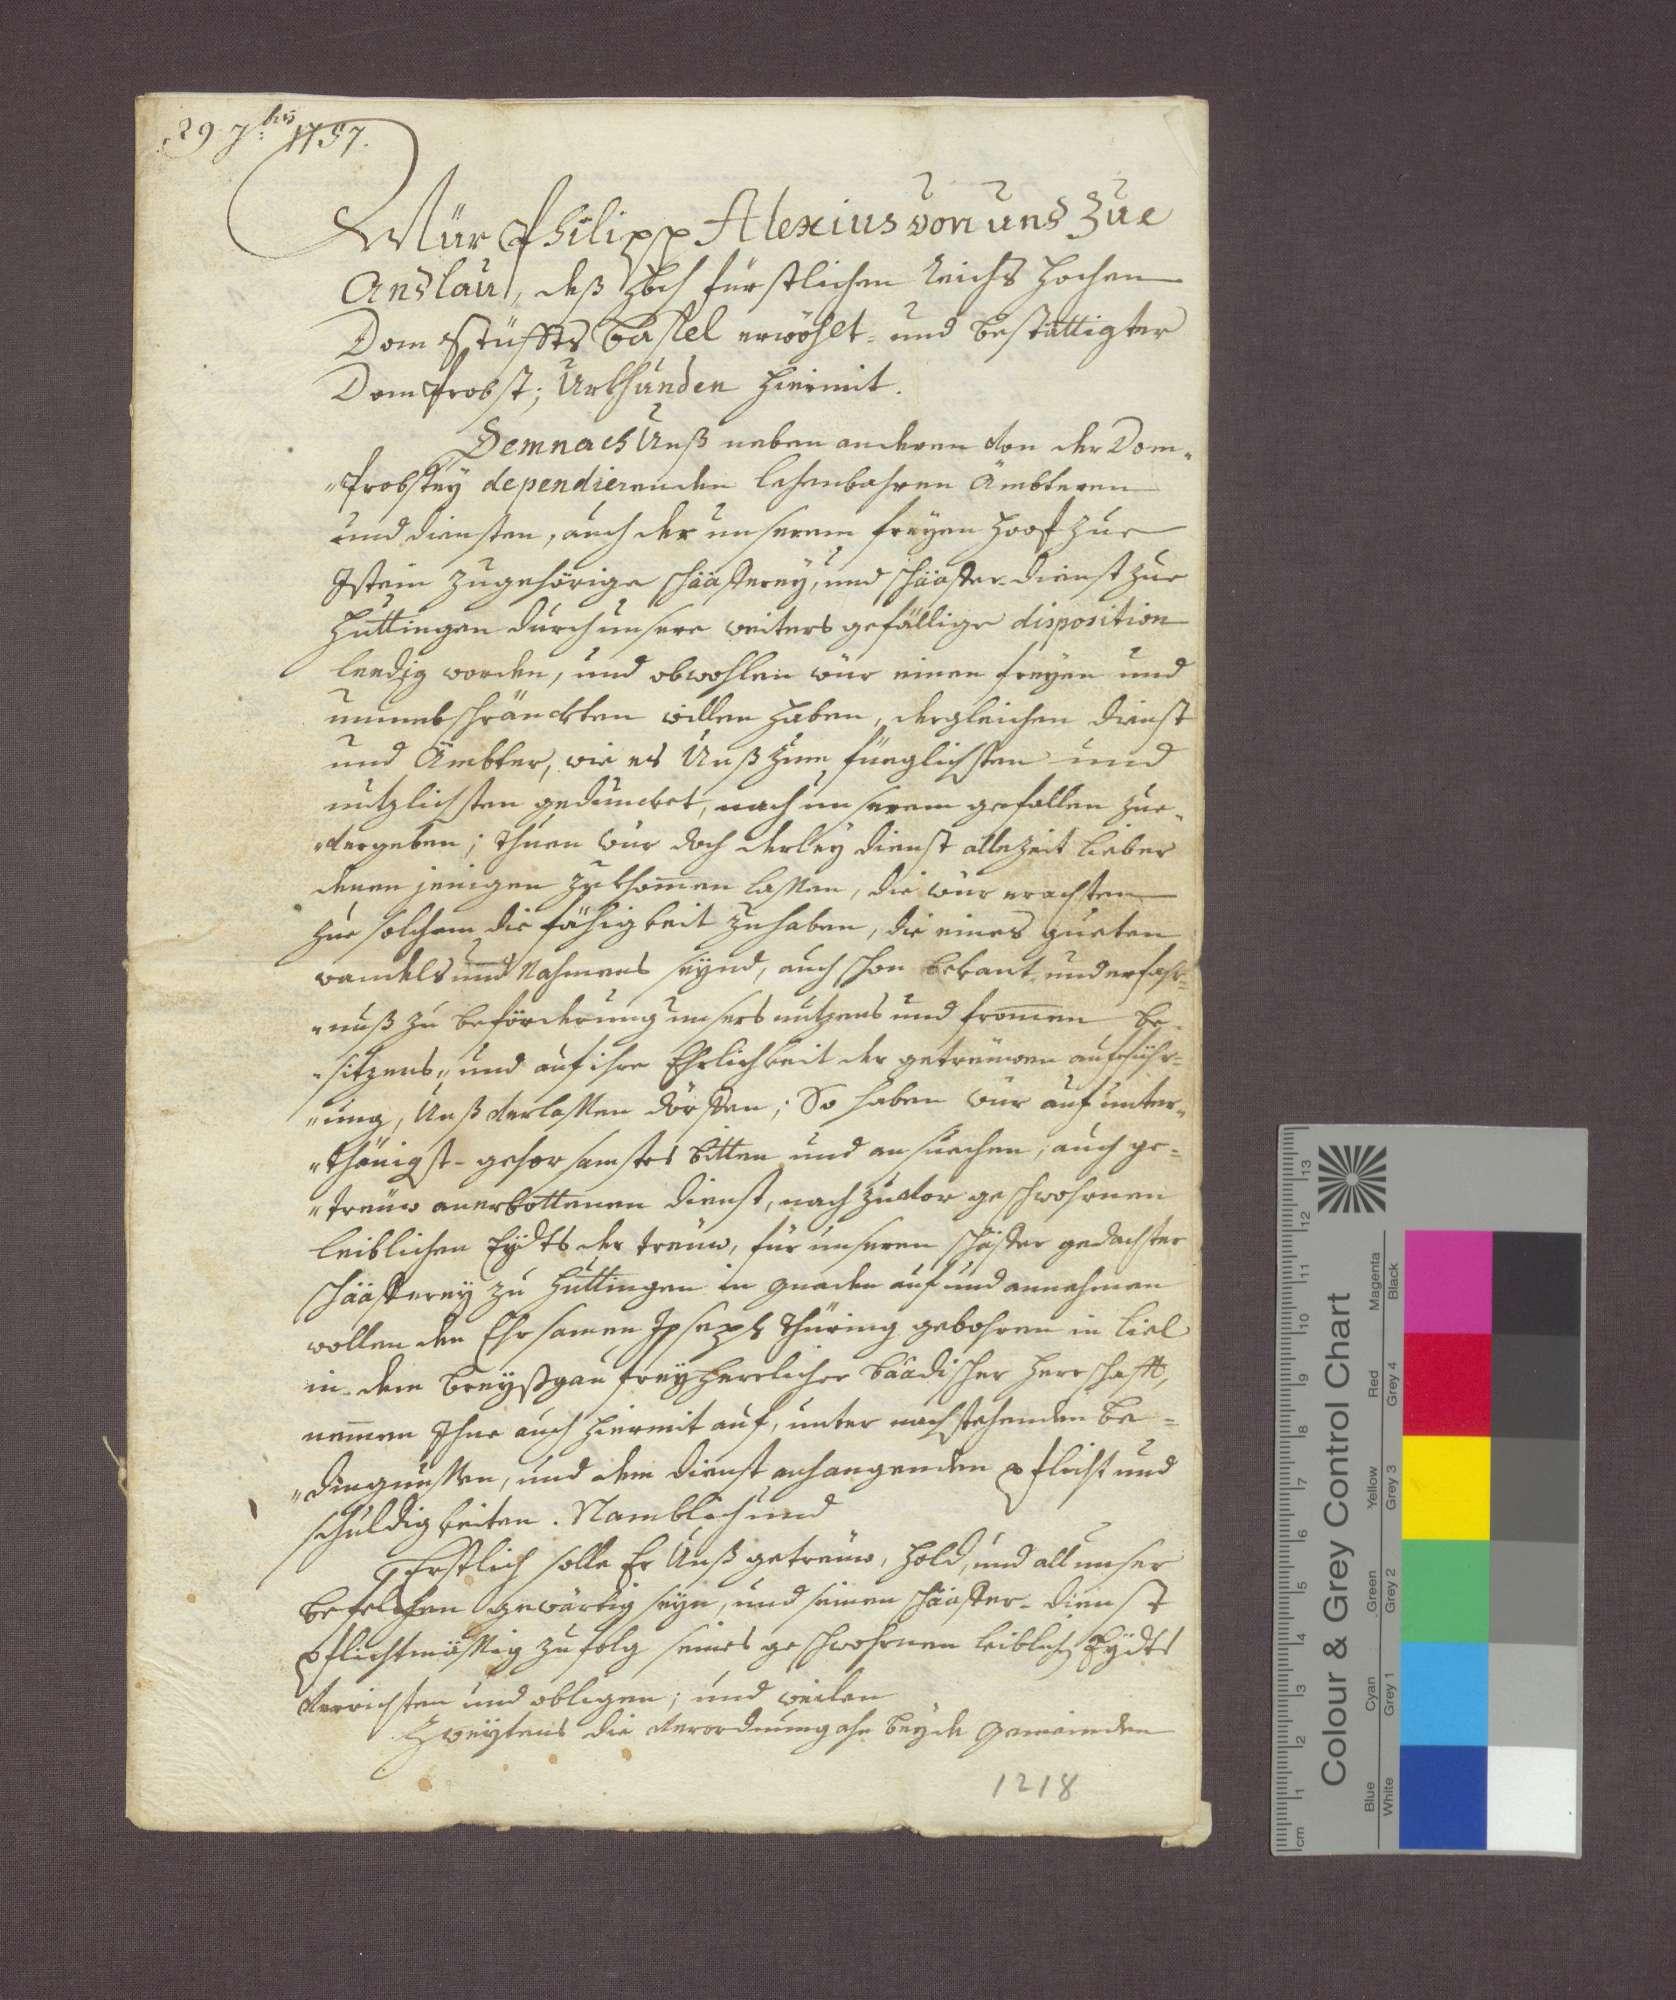 Bestallung des Josef Thüring als Schäfer des Basler Domkapitels in Huttingen., Bild 1